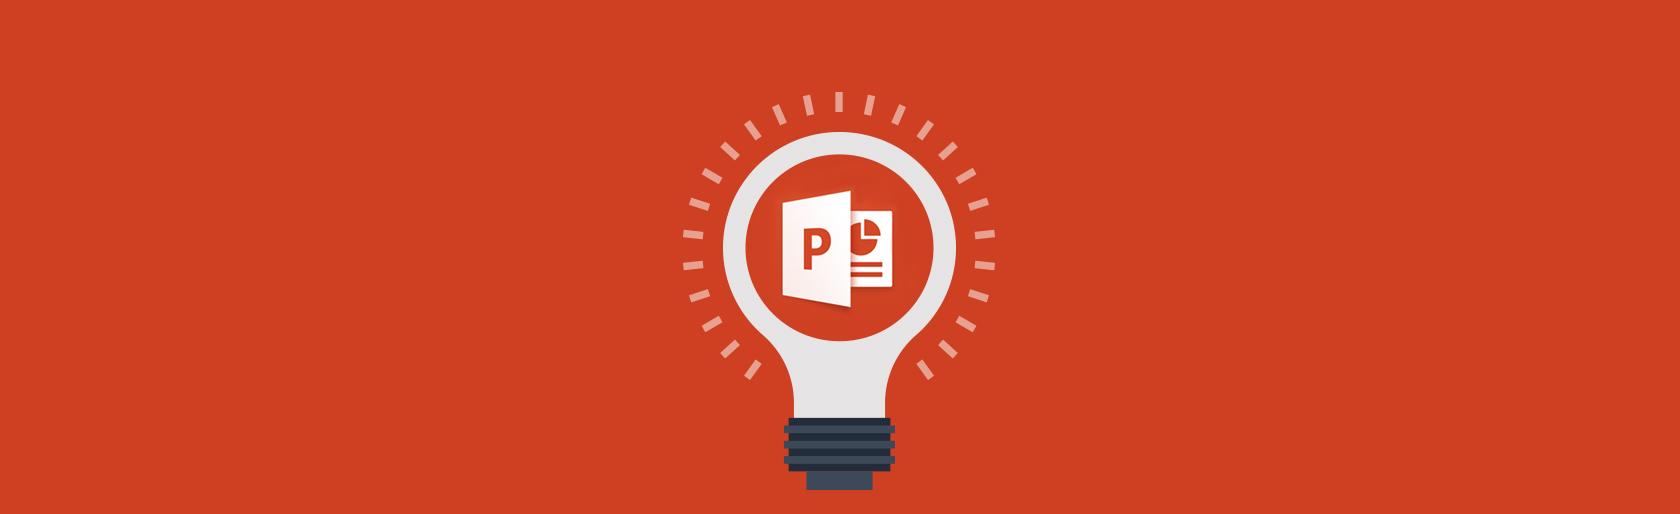 Apresentação em Powerpoint: quanto antes você souber, melhor!